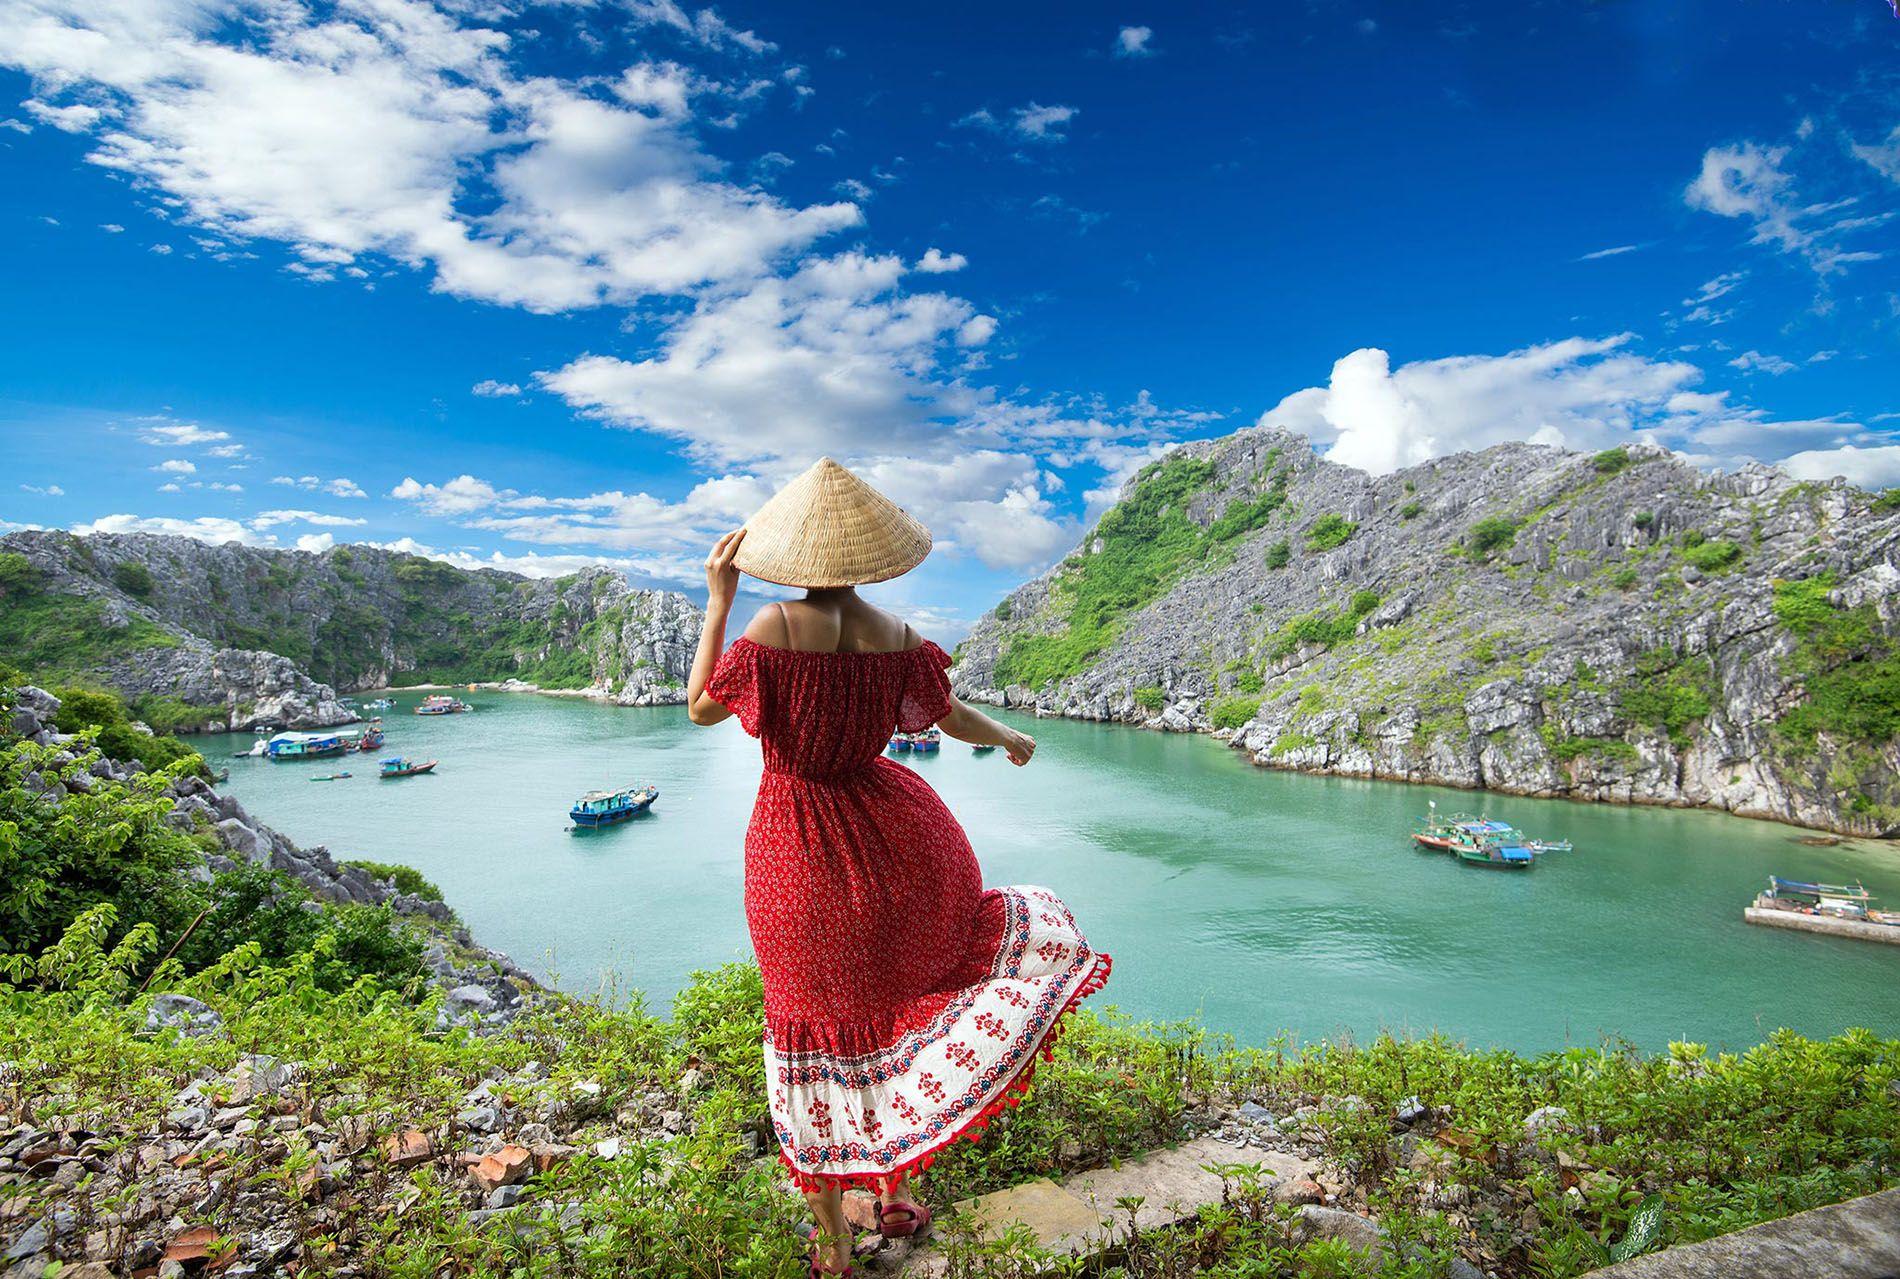 Trải nghiệm đảo Cát Bà hoang sơ, đẹp thơ mộng ở Hải Phòng